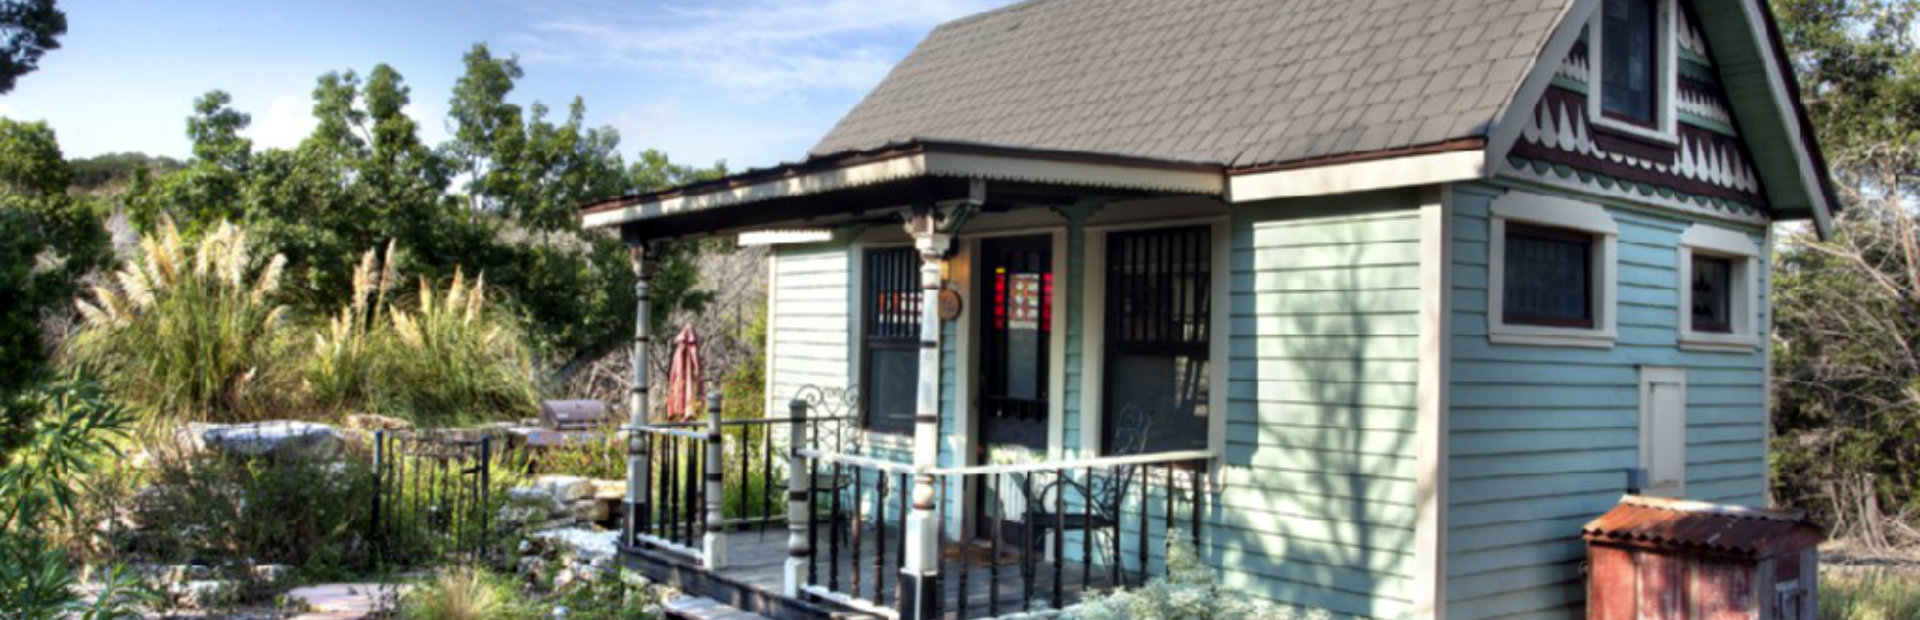 Tiny_House_Vacation_Rental_